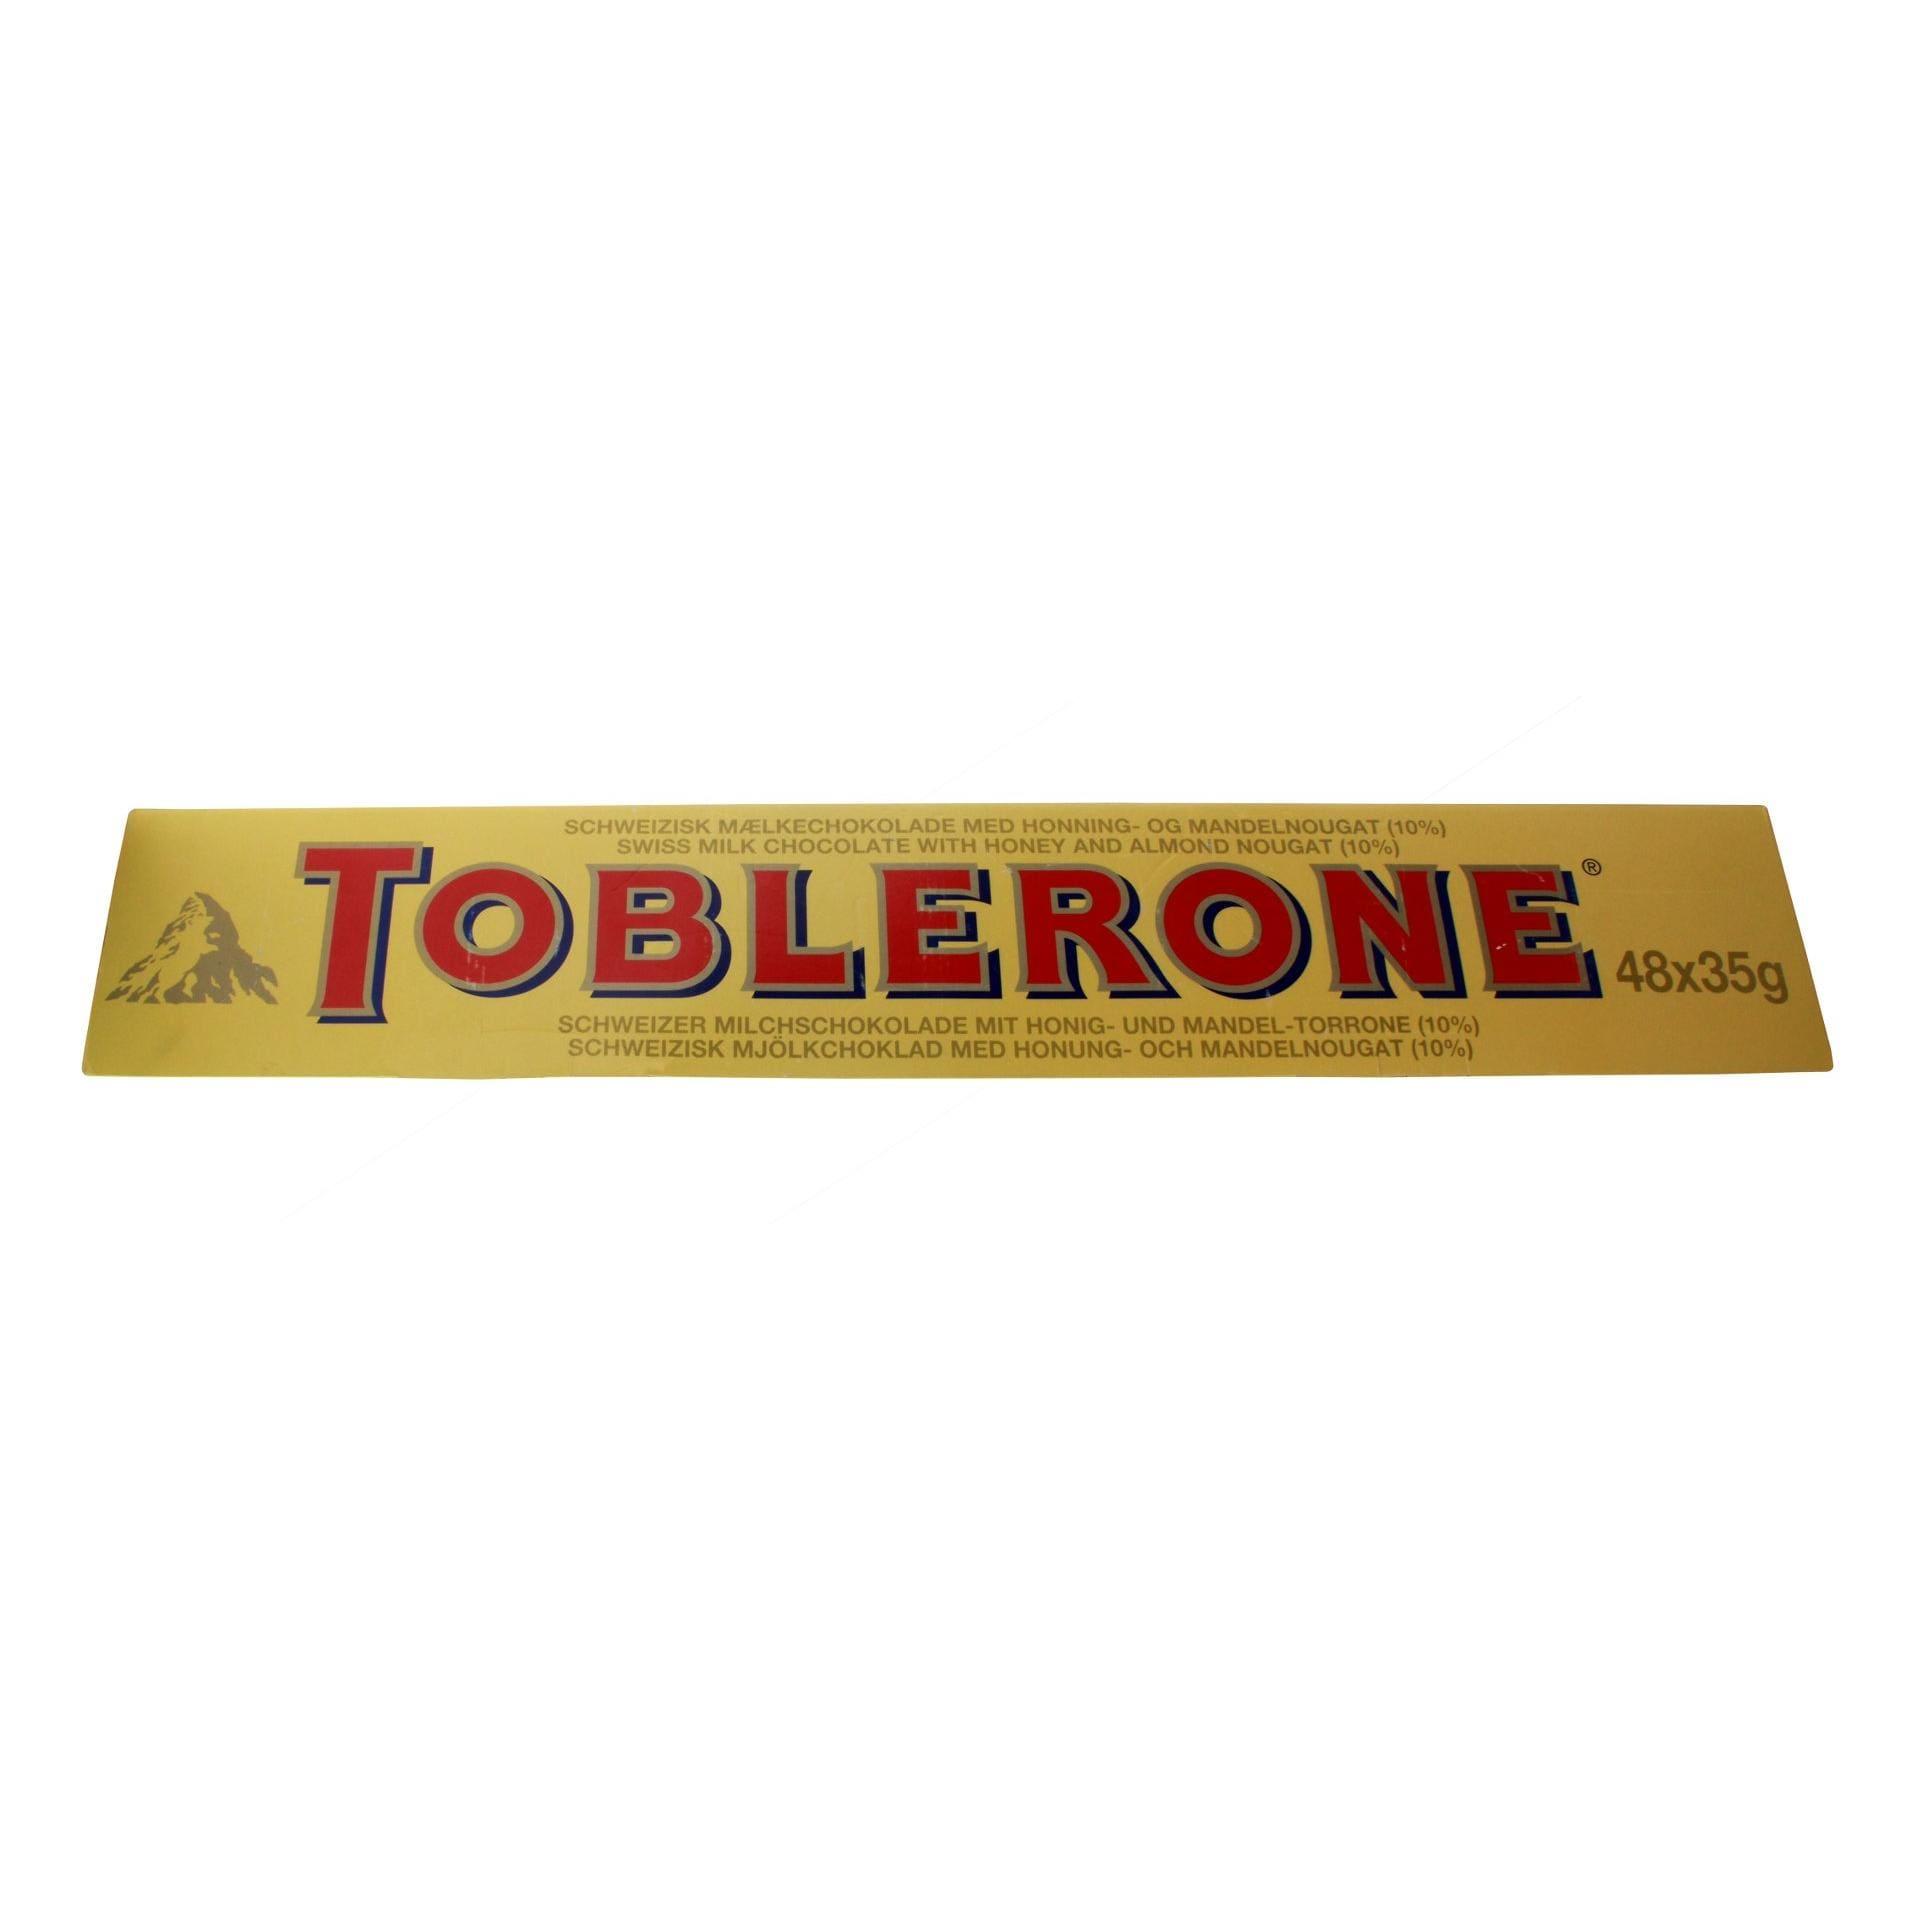 Toblerone - Großpackung Milchschokolade mit Mandel Torrone - 48St/1680g